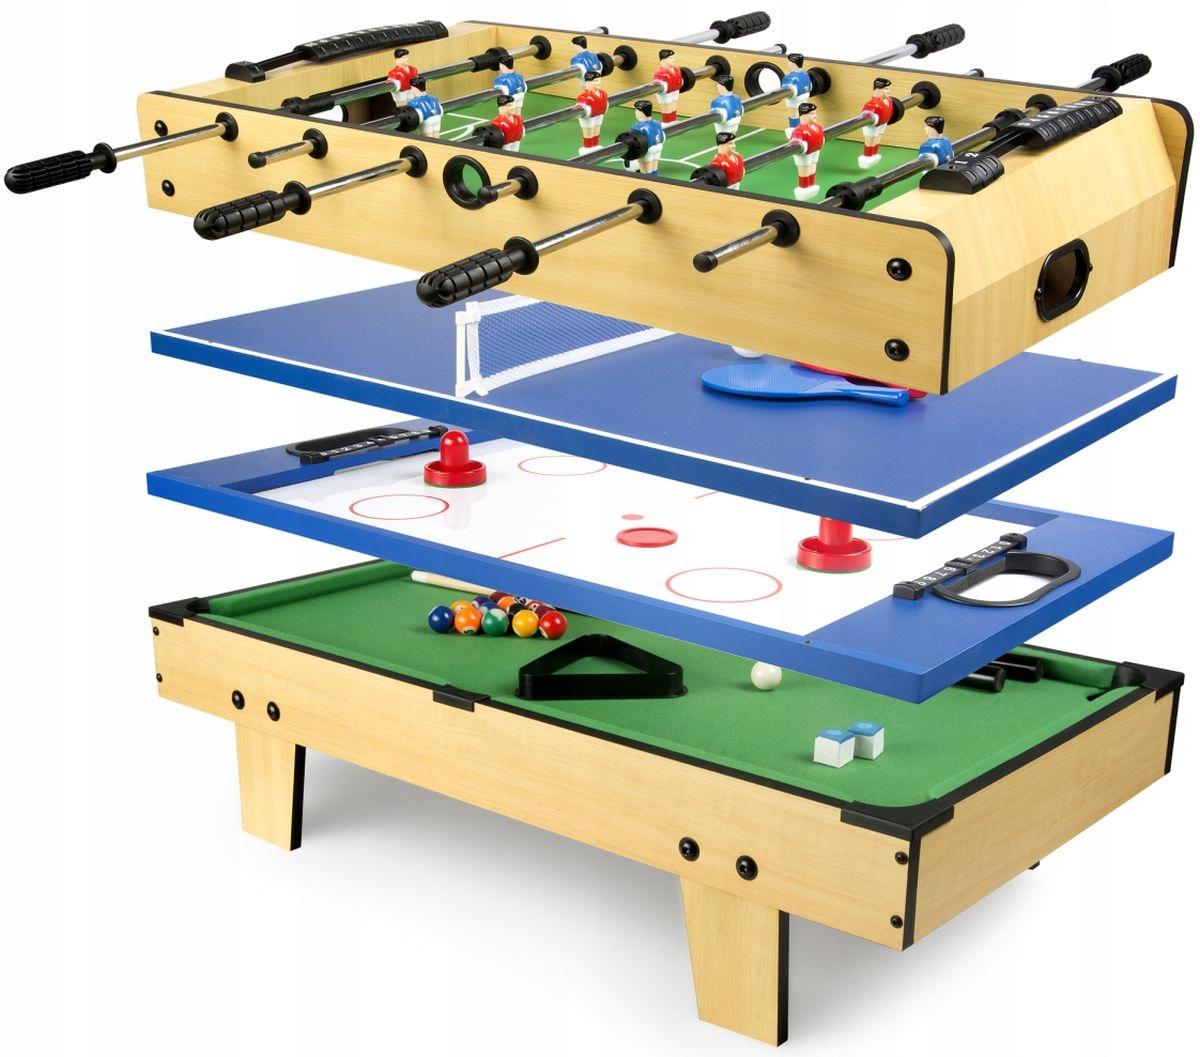 Многопользовательский игровой стол 4in1. Футбол. Теннис. Бильярд. Хоккей